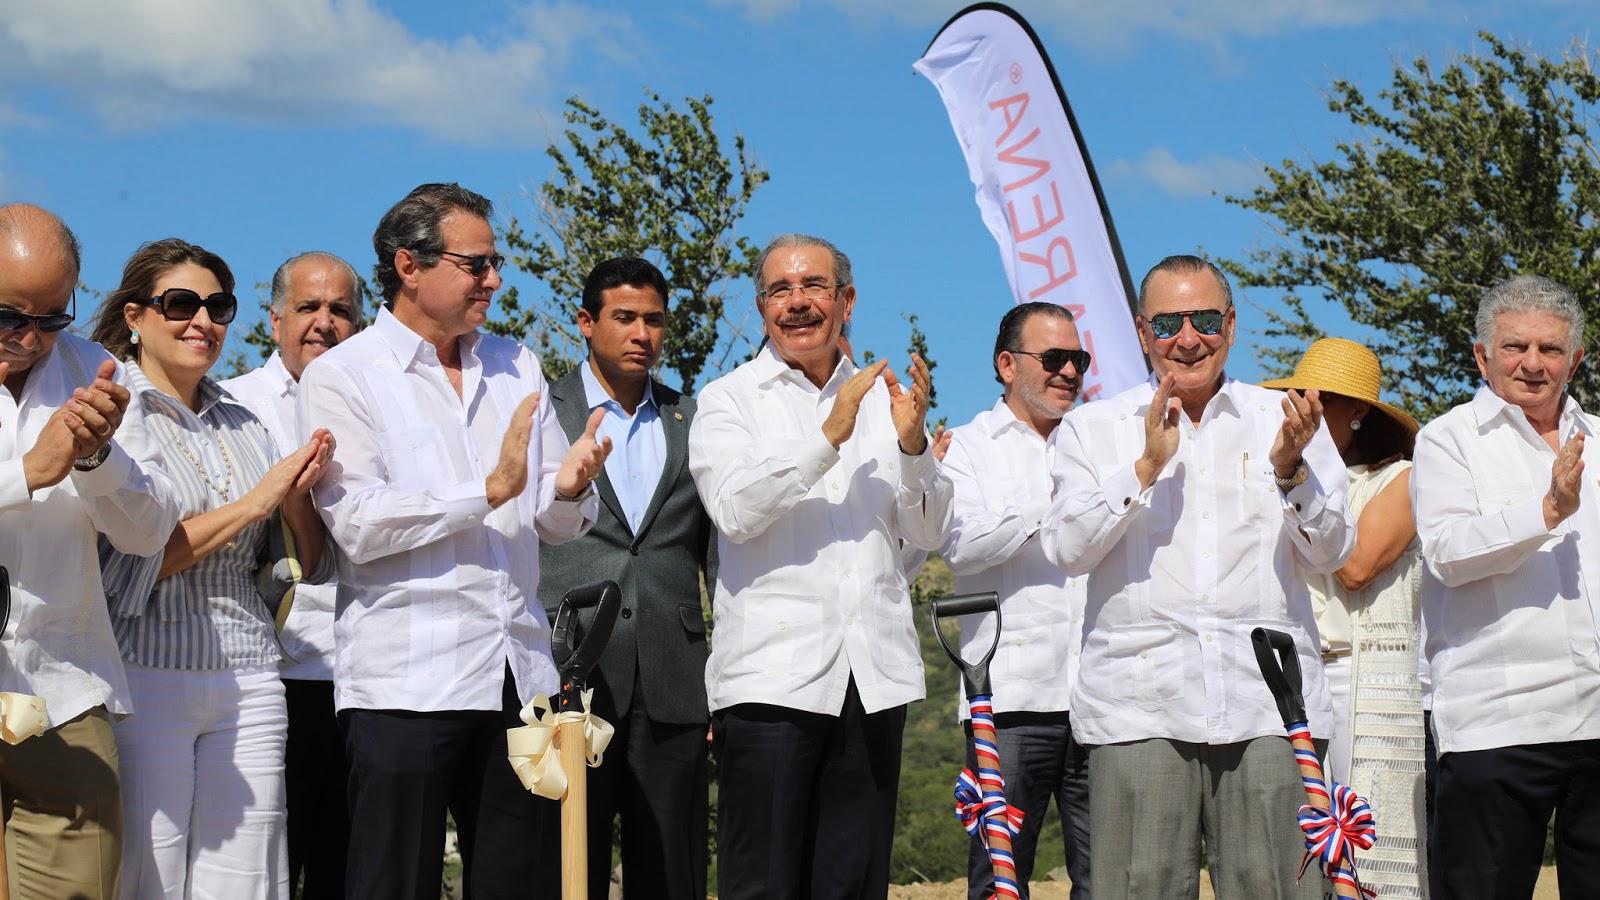 Más inversiones y empleos para el Sur: Danilo Medina asiste a inauguración Club de Playa Puntarena